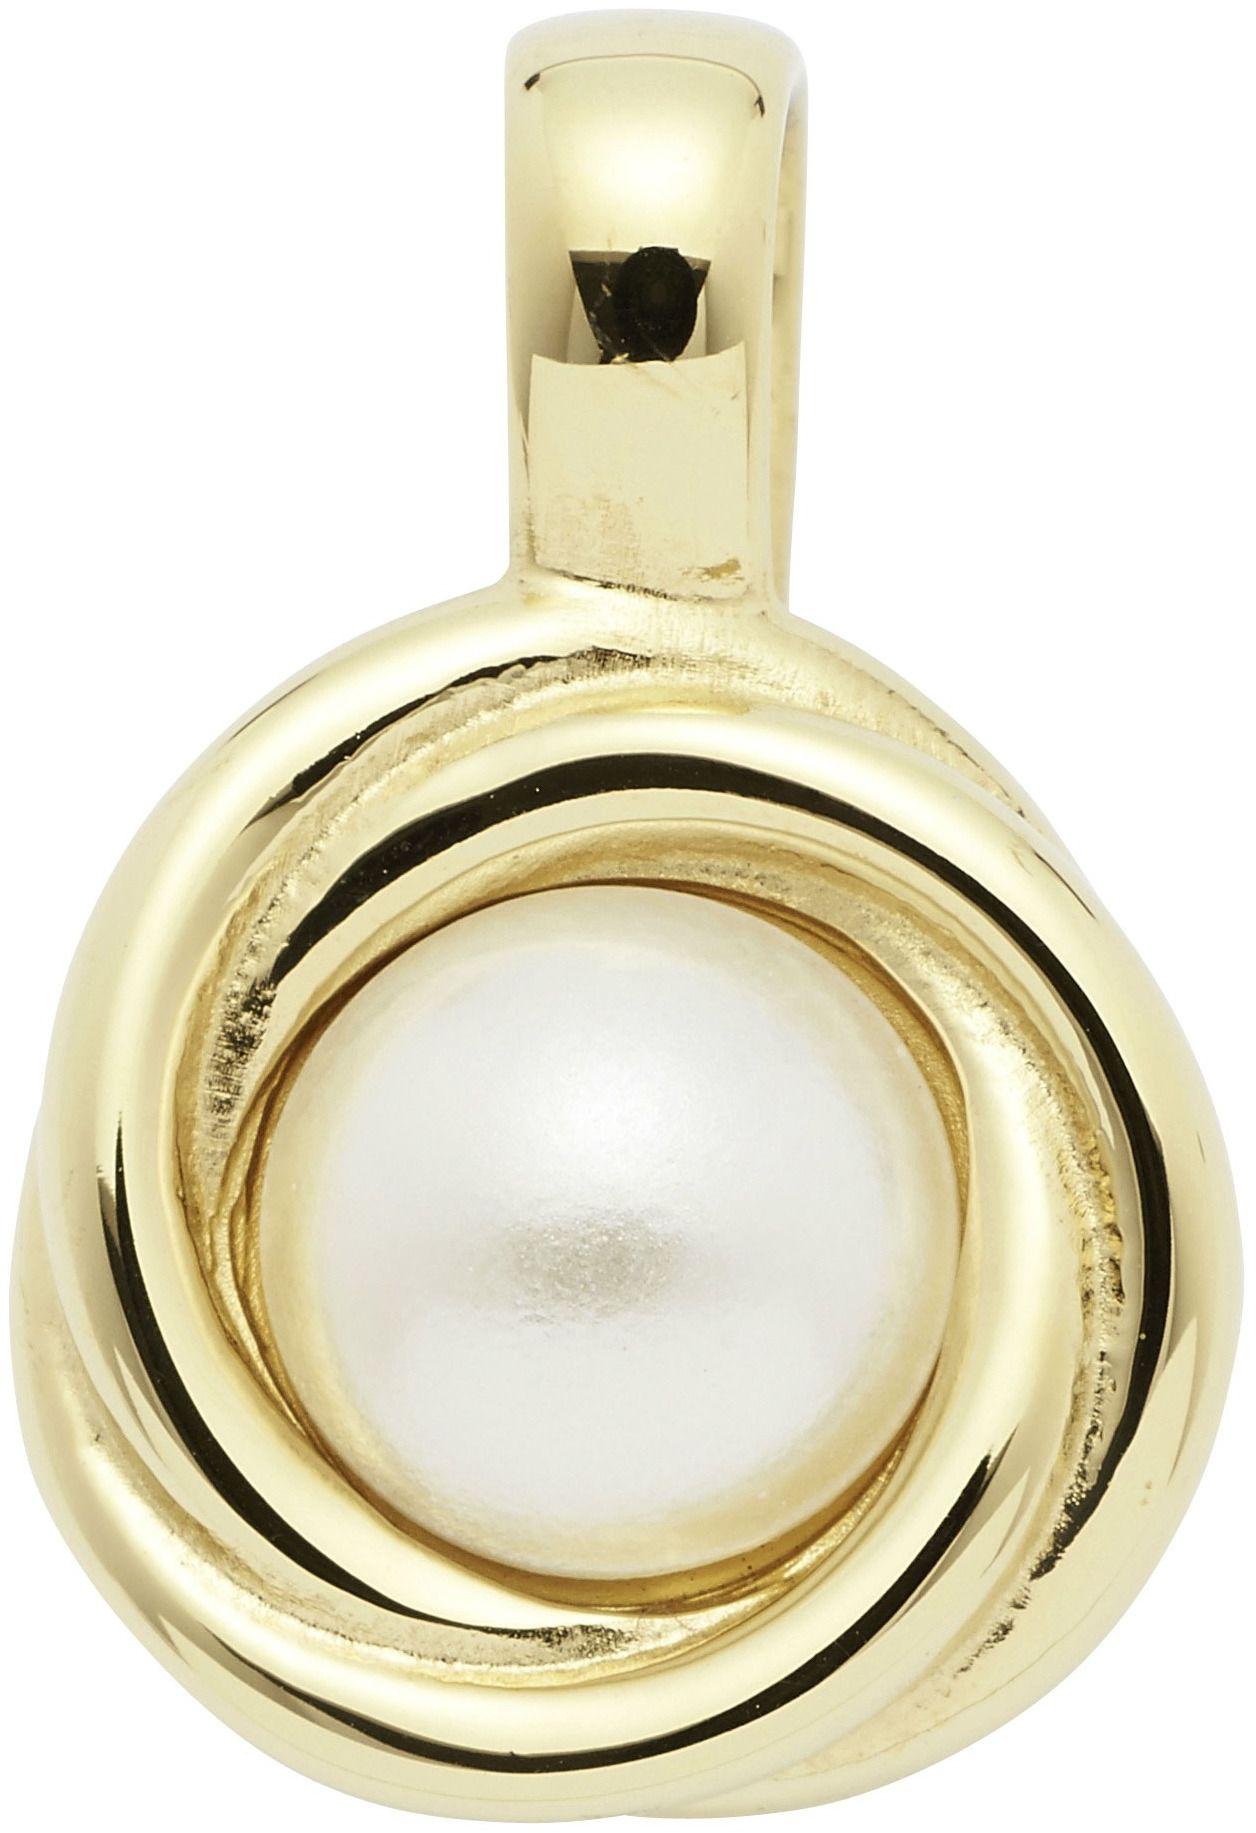 Zawieszka magnetycznea 2721-1 pozłacana z imitacją perły